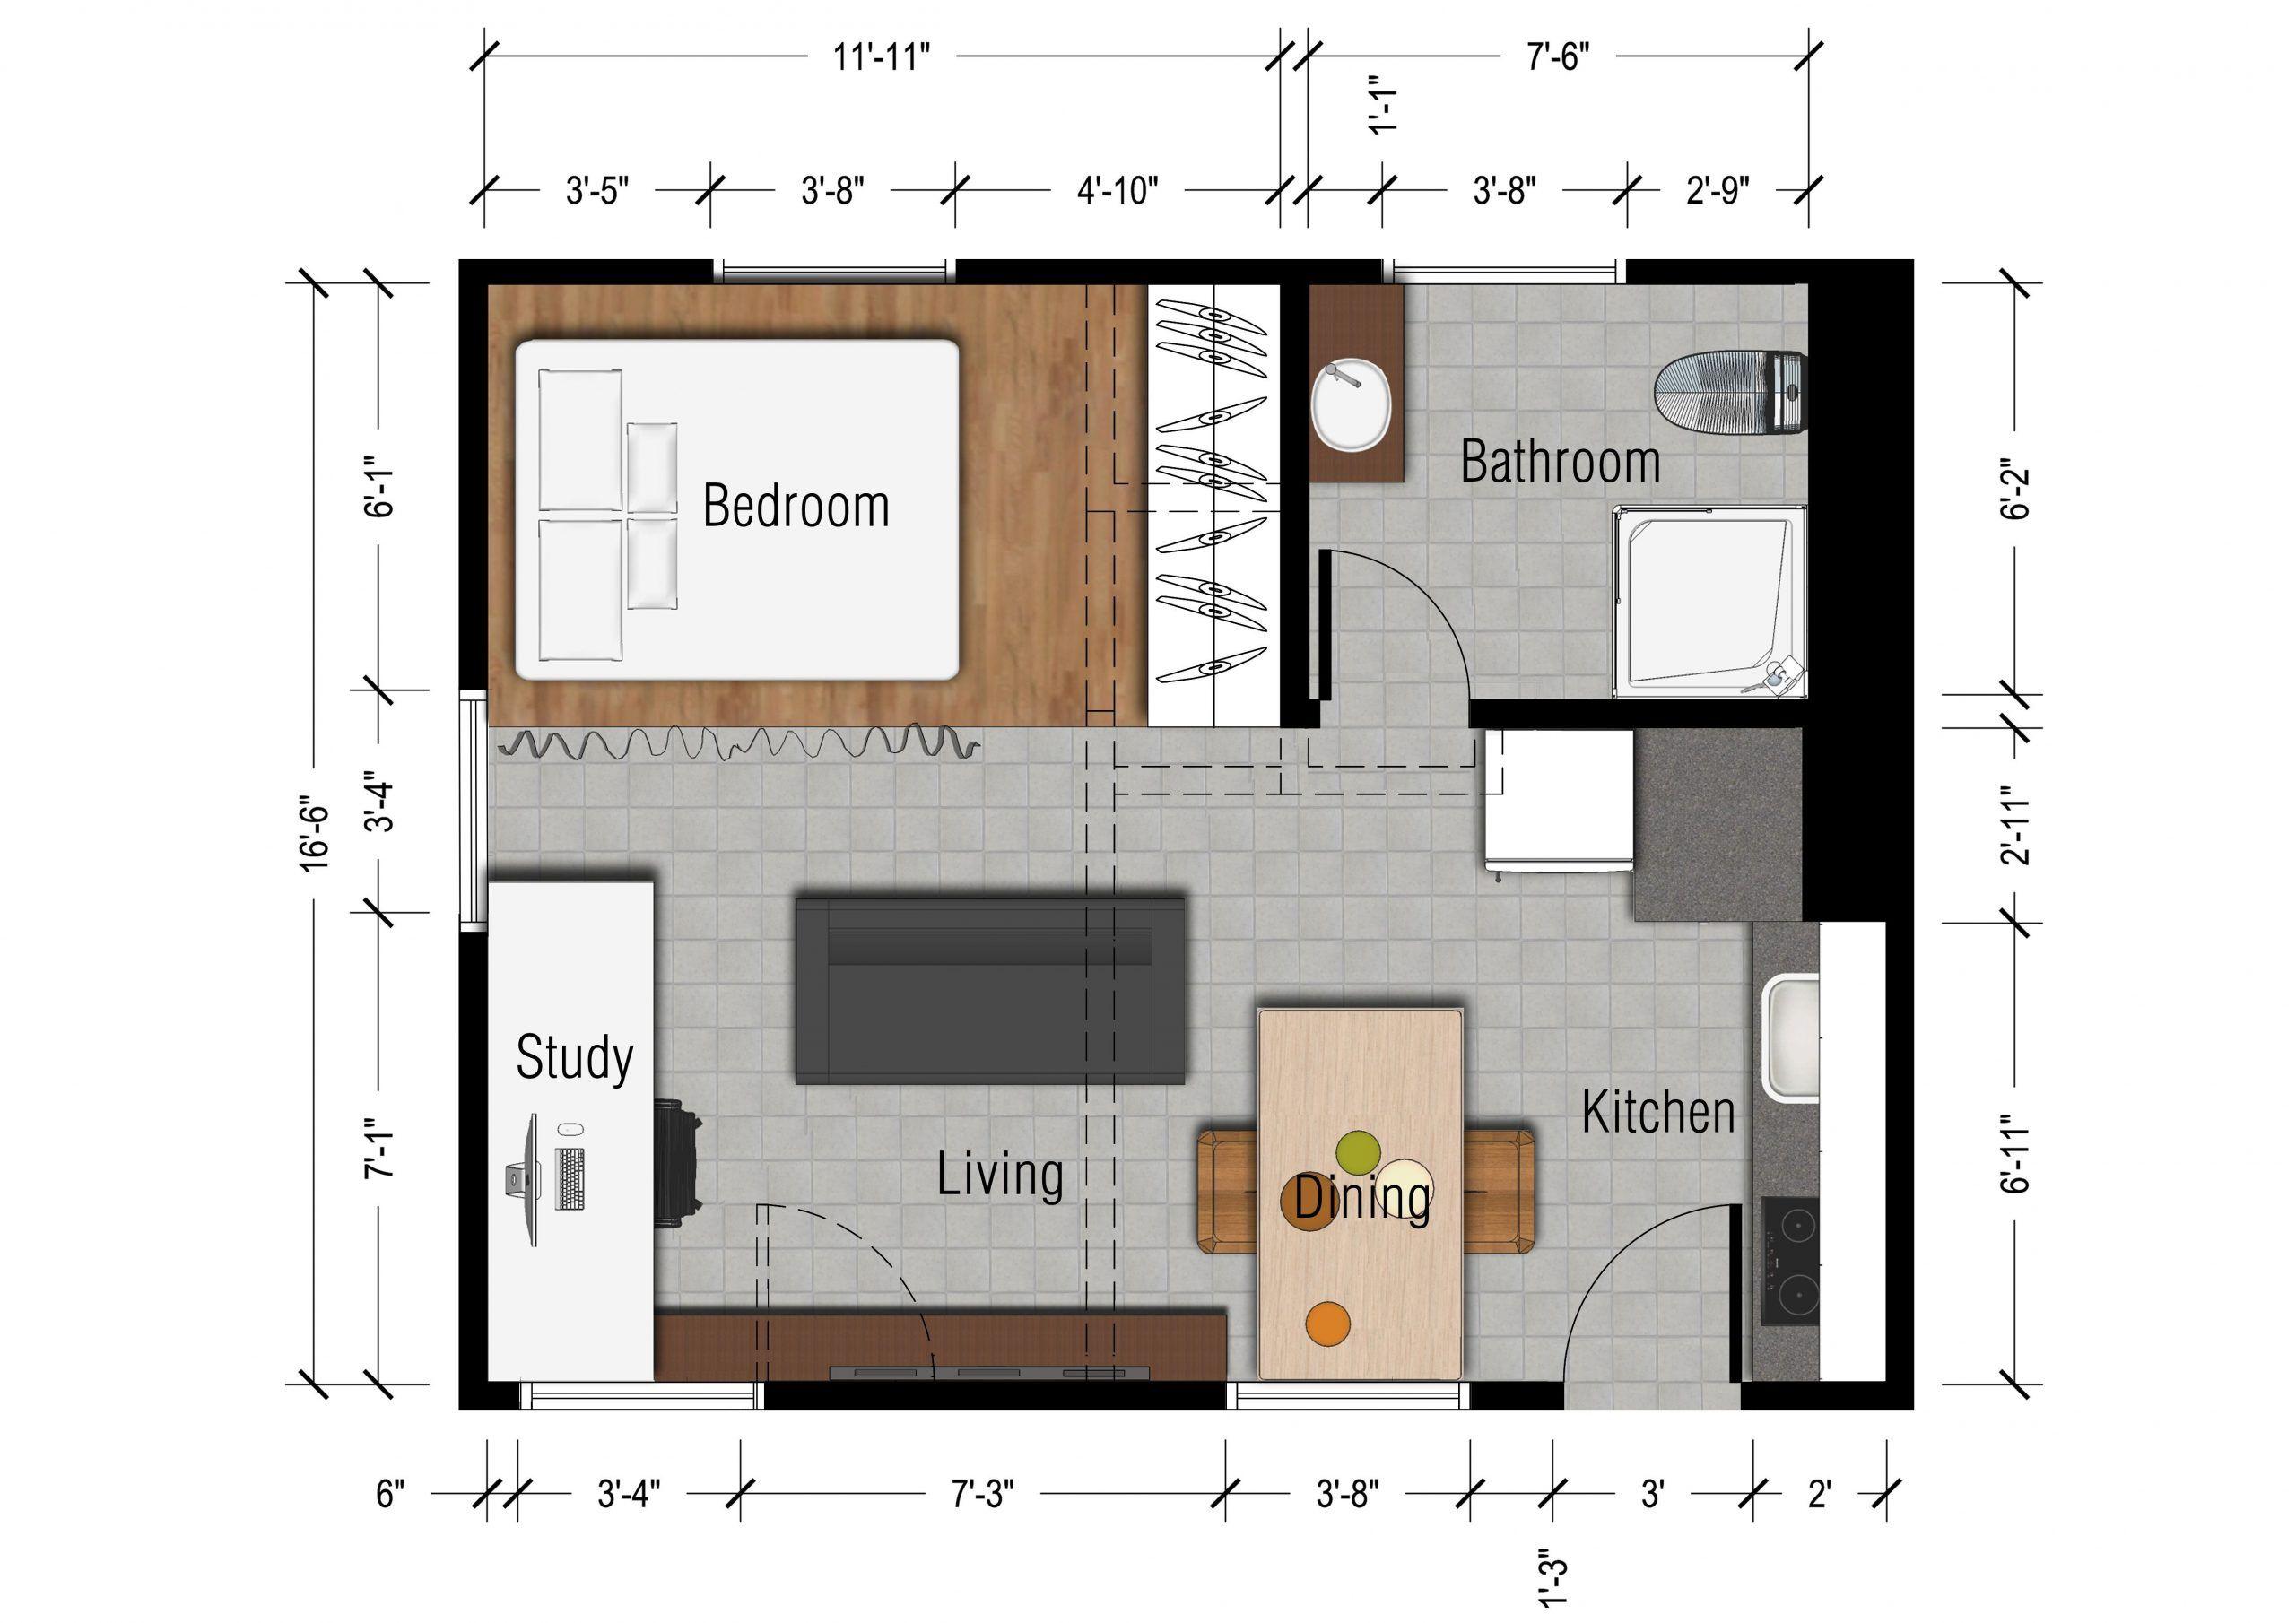 Studio Apartments Floor Plan 300 Square Feet Location Los Angeles California In 2020 Studio Apartment Floor Plans Garage Apartment Floor Plans Studio Floor Plans